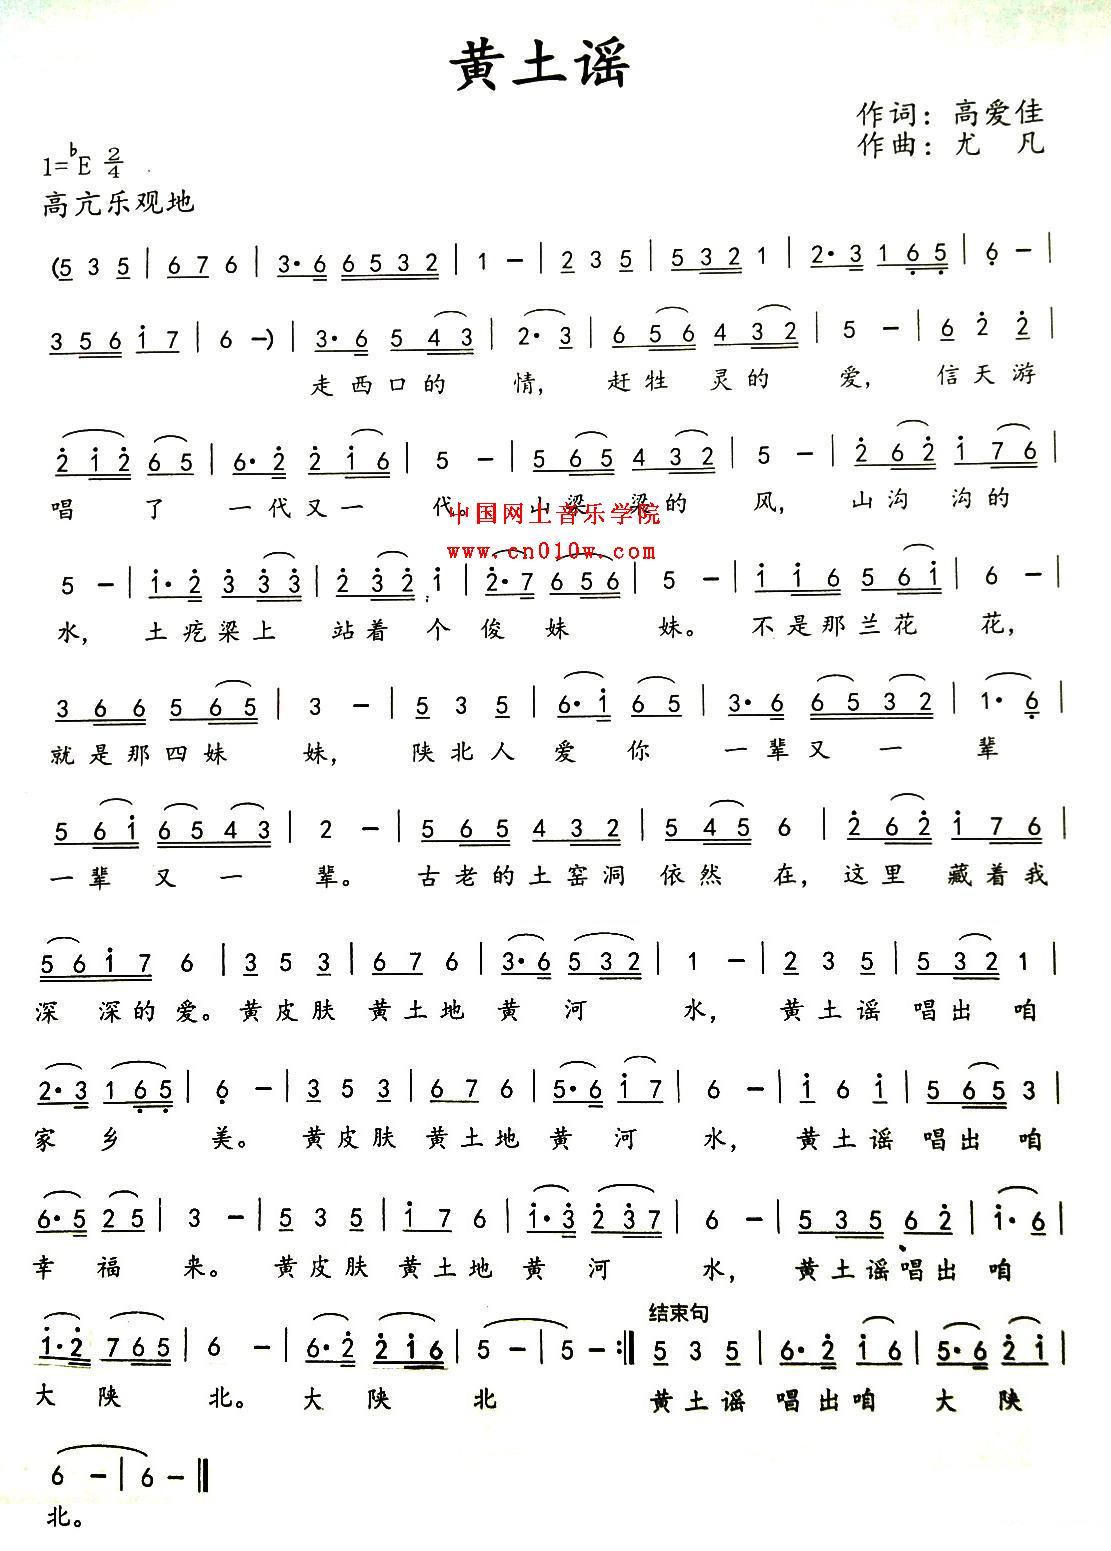 伶仃谣乐谱-民歌曲谱 黄土谣